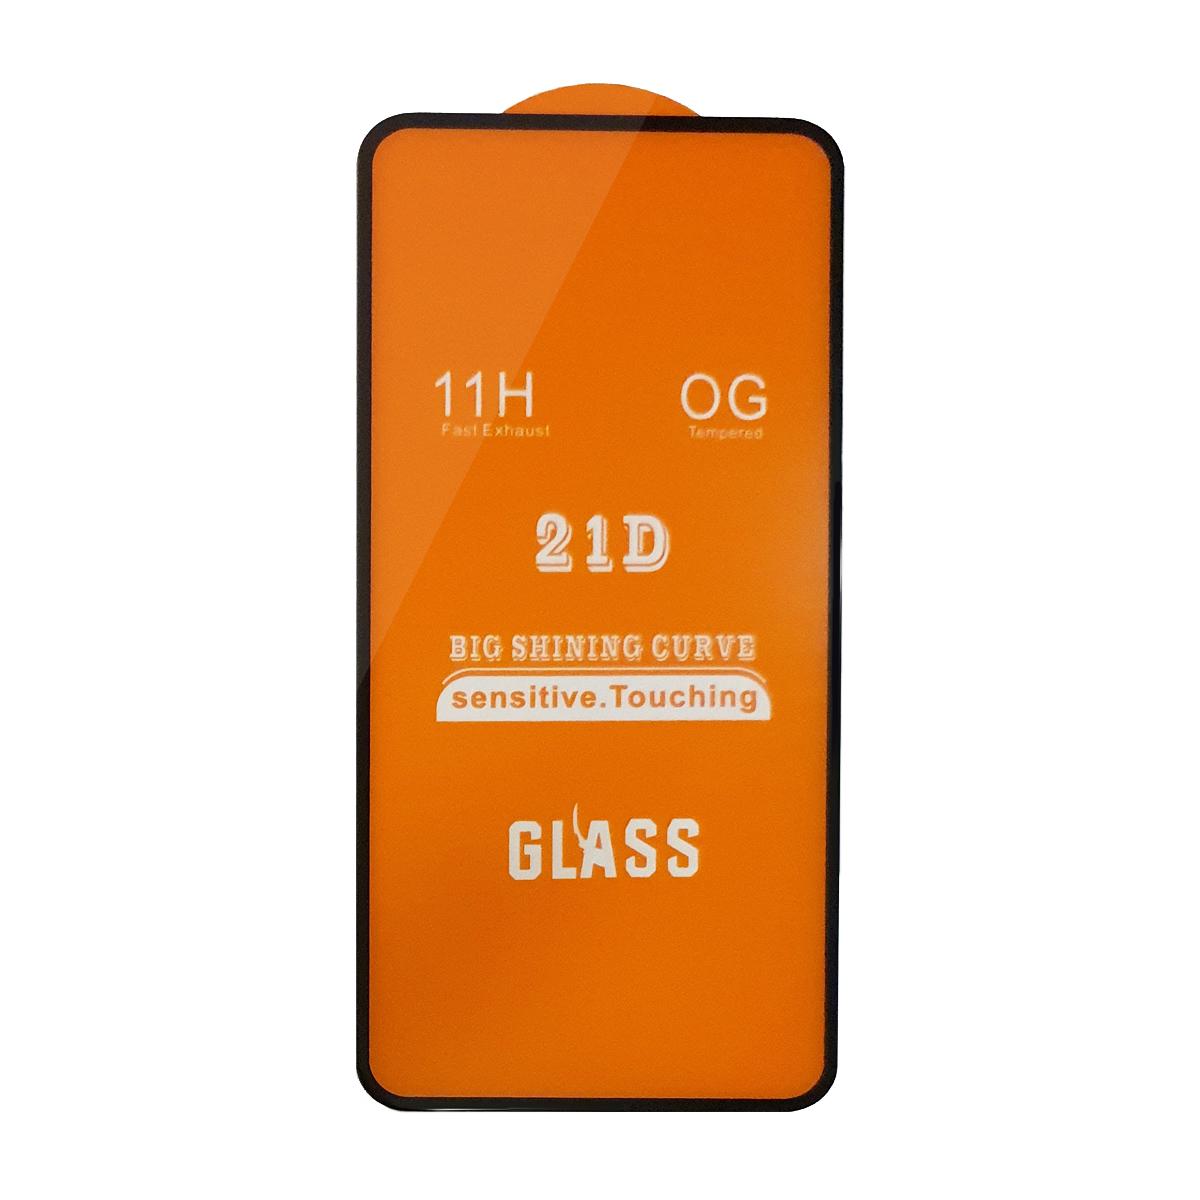 محافظ صفحه نمایش مدل F21pl مناسب برای گوشی موبایل سامسونگ Galaxy A11 thumb